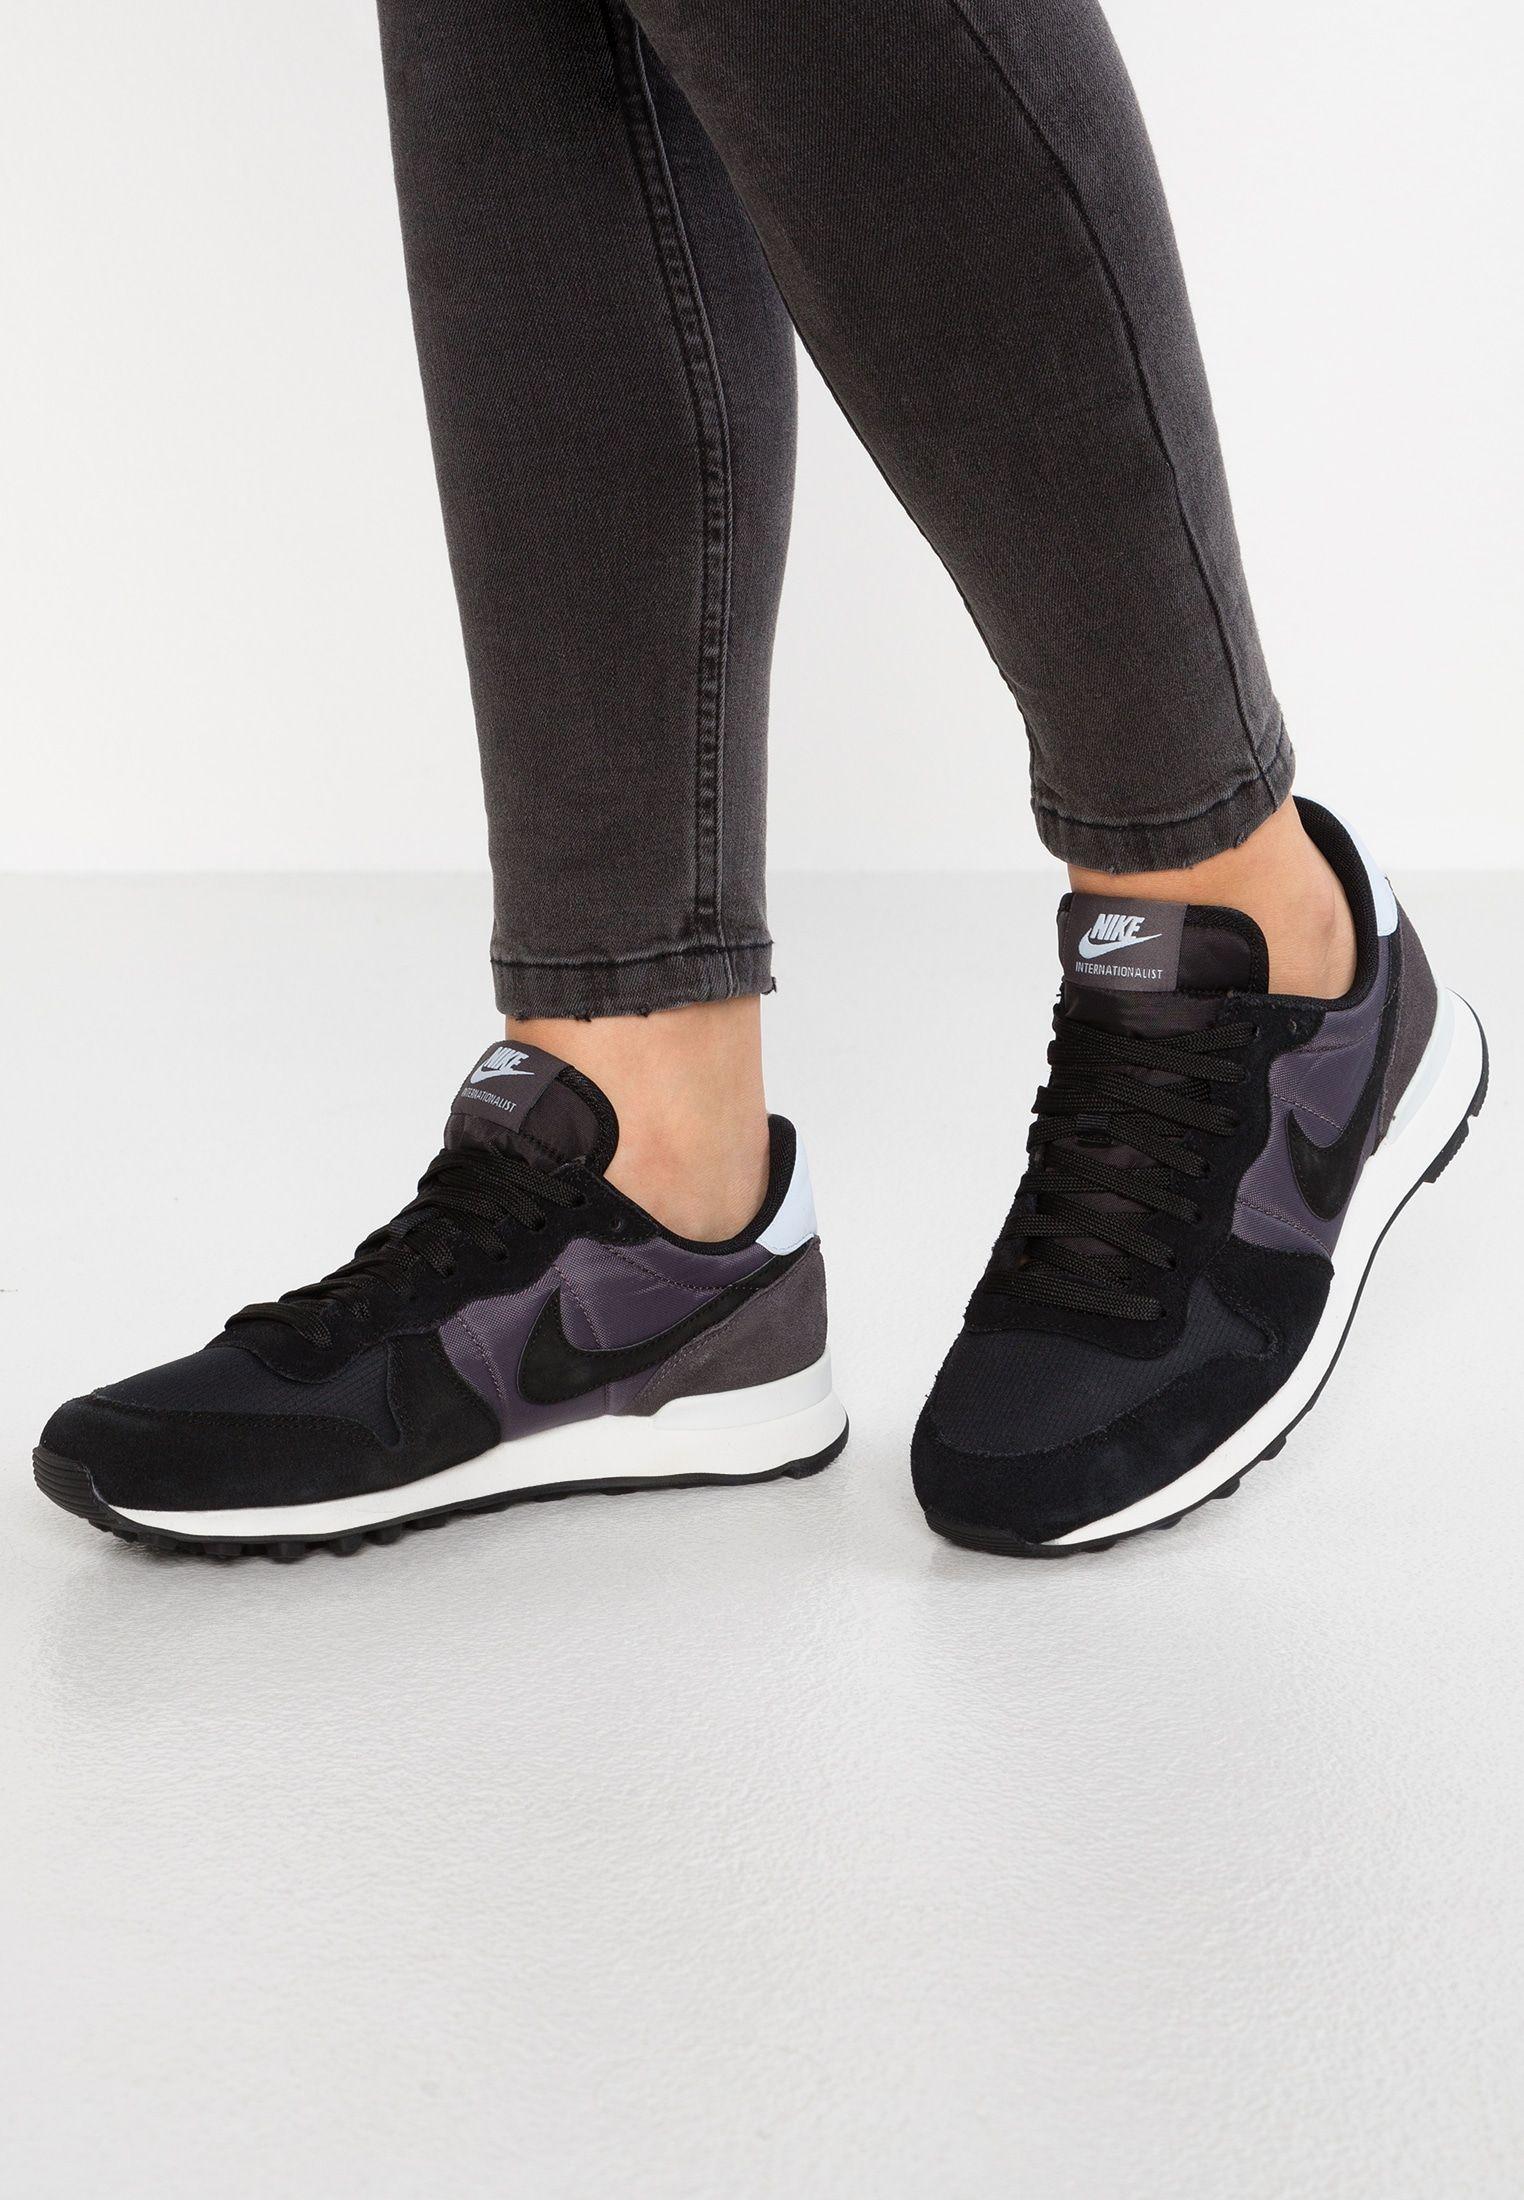 Pin By Patrycja St On 1 9 Nike Sportswear Sneakers Nike Sneakers